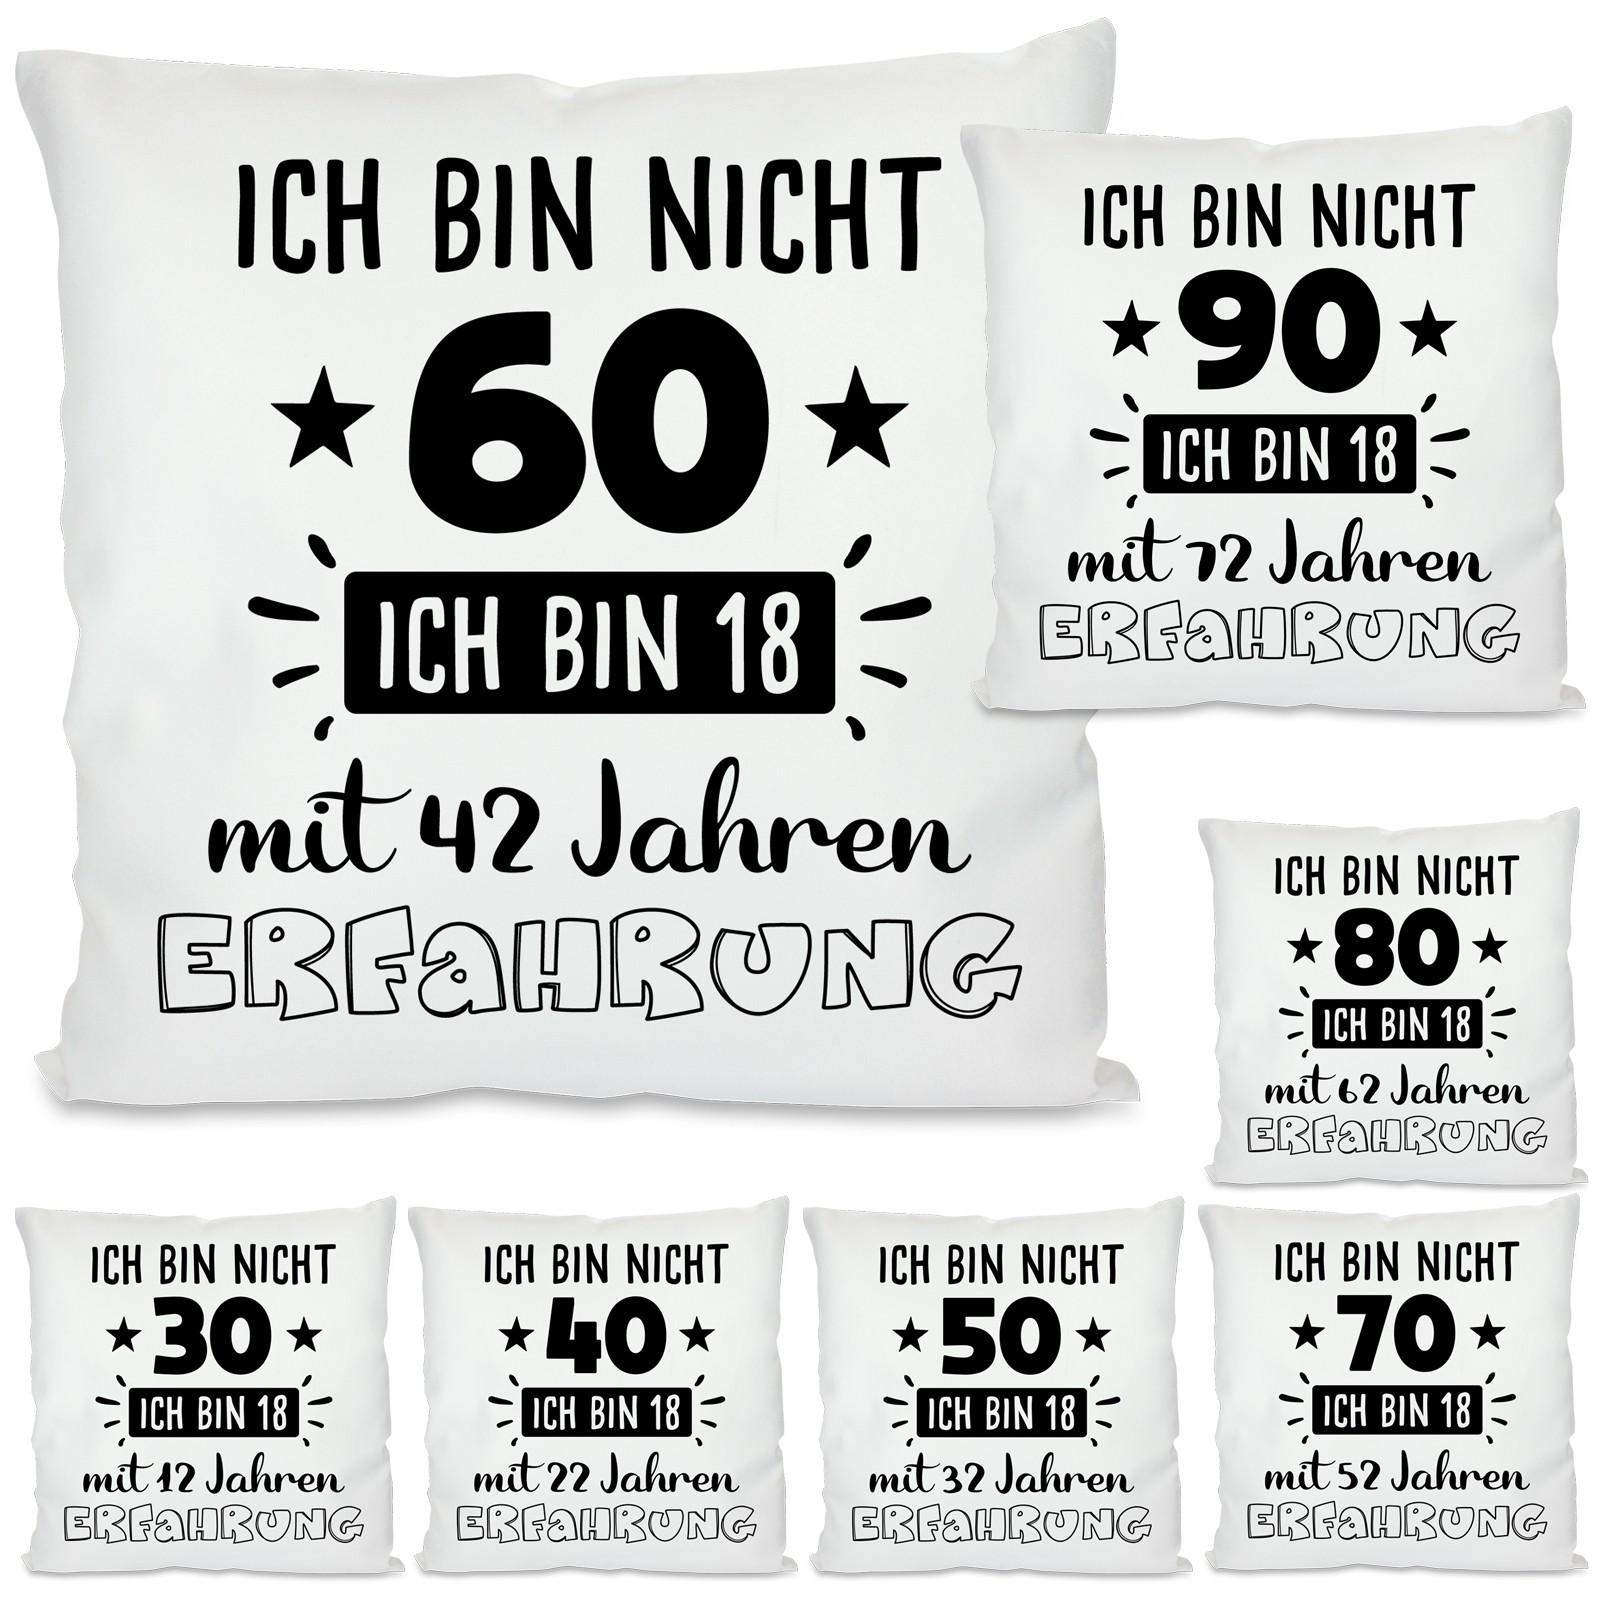 Kissen: Ich bin nicht 30 / 40 / 50 / 60 / 70 / 80 / 90